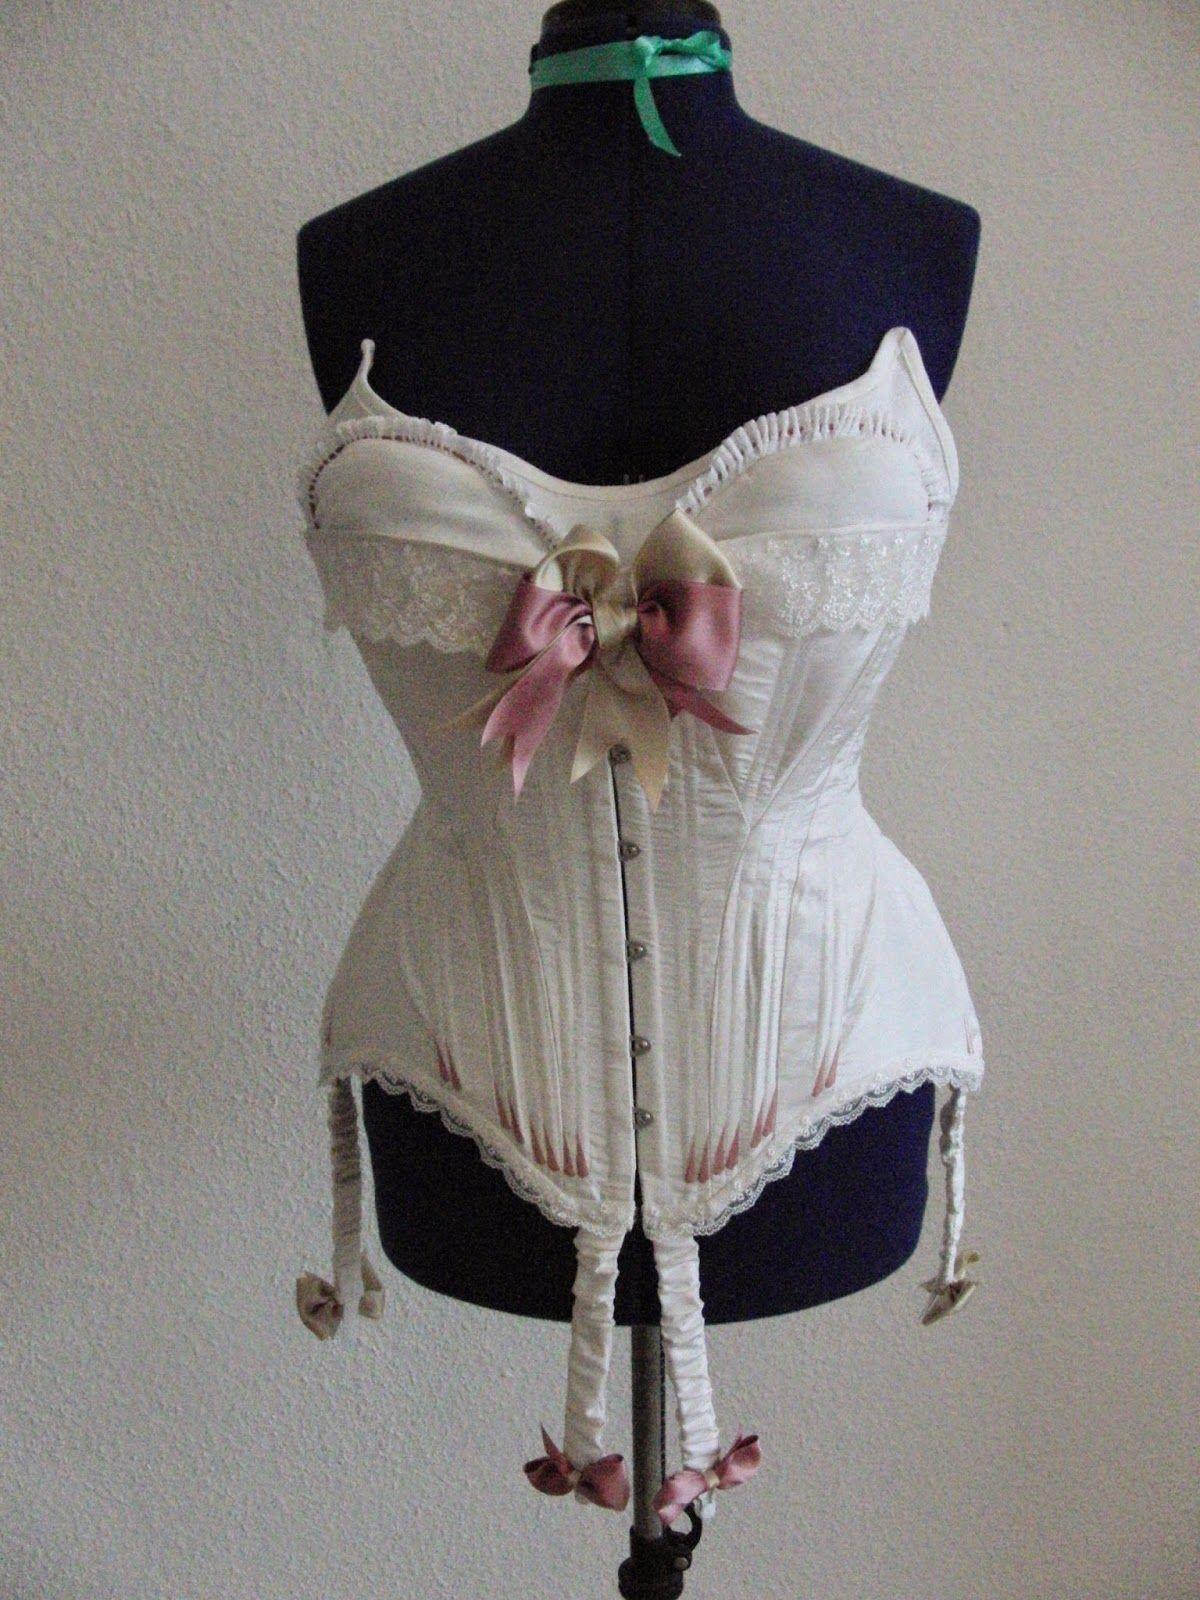 5add94fde62d Zeitenzauberin: Edwardian Underwear - Truly Victorian Edwardian corset  shown with bust improver